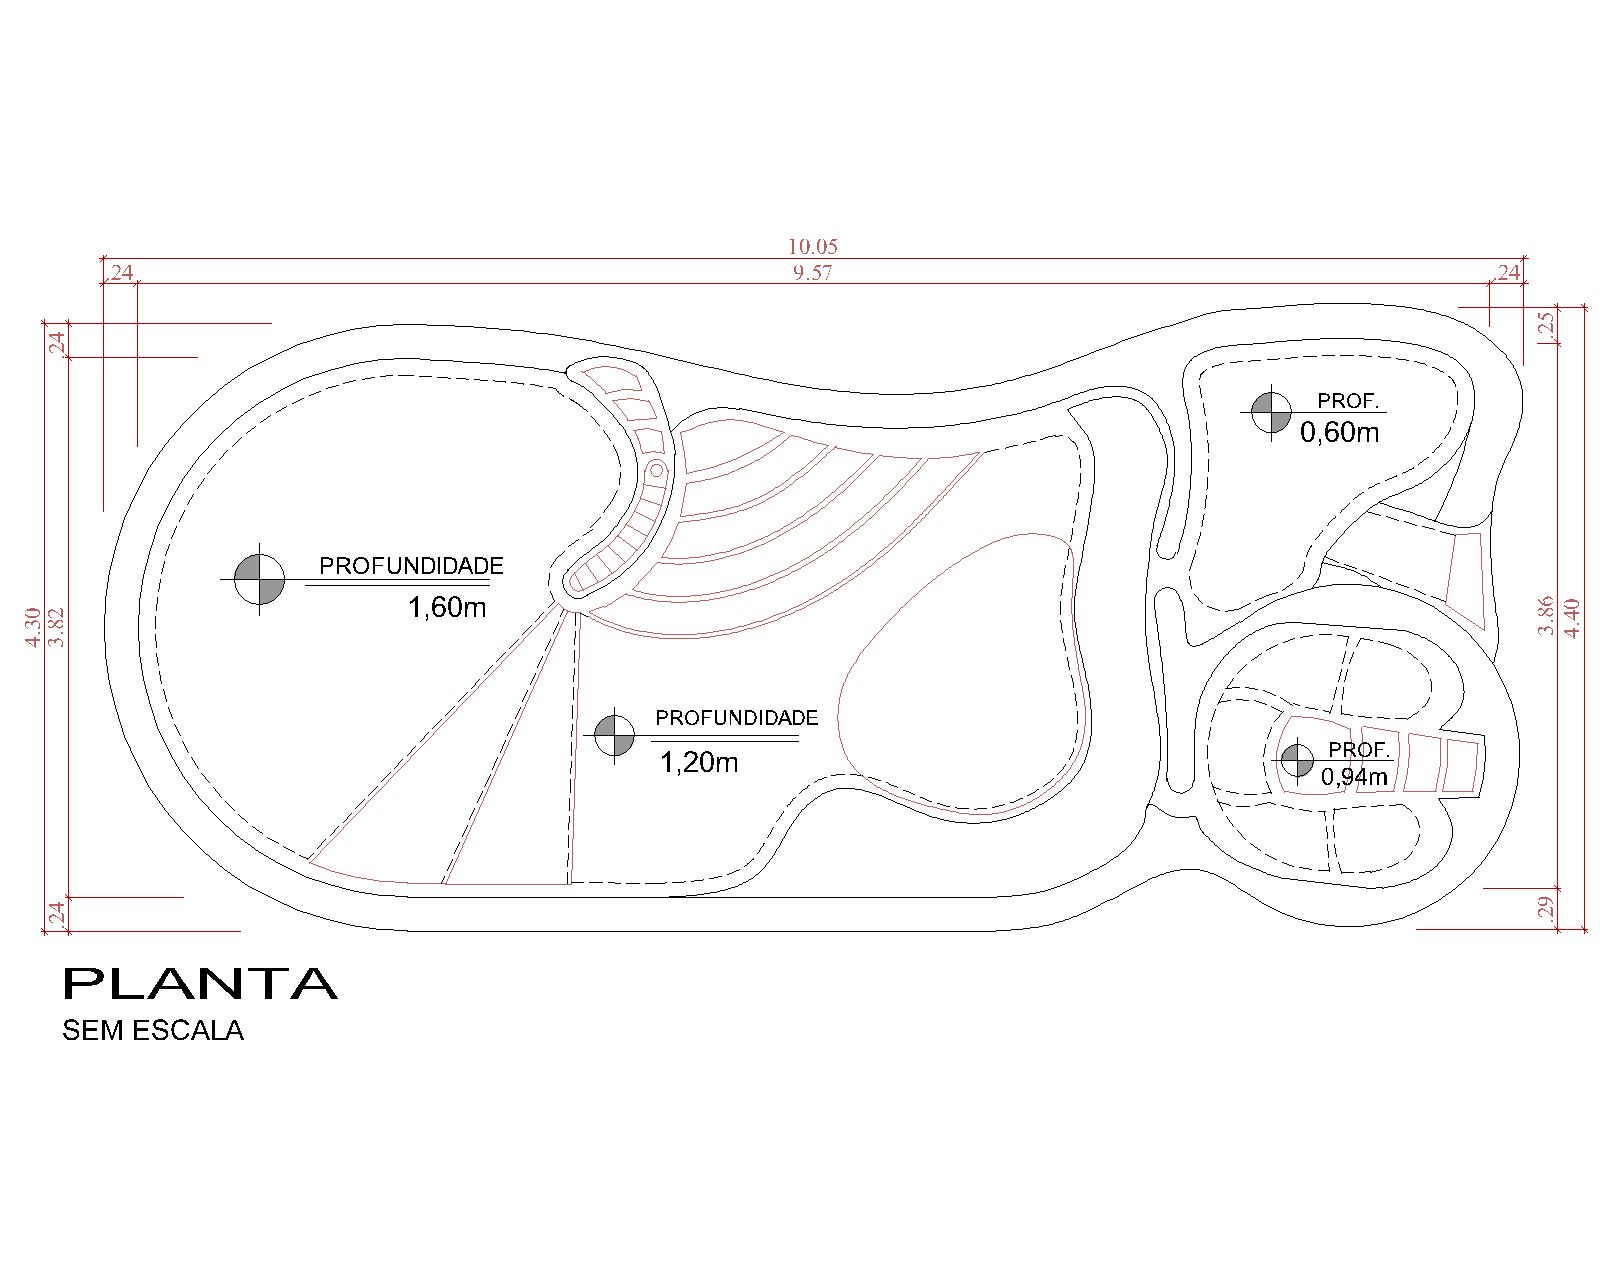 Desenho técnico Baía Blanca (sem escala)